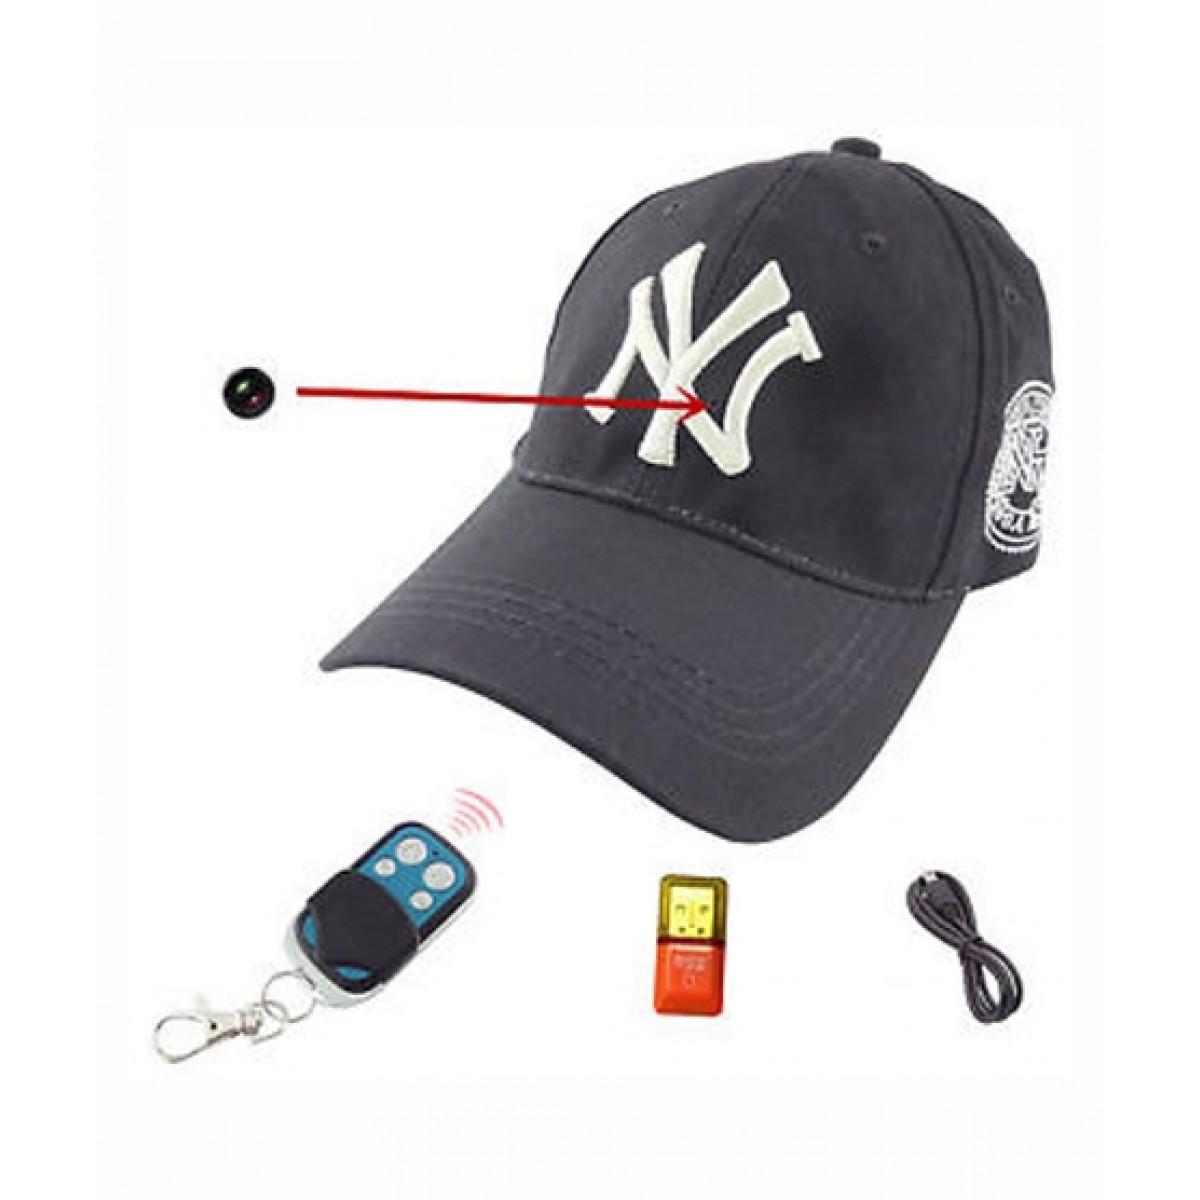 מצלמה בכובע בייסבול - חסר במלאי